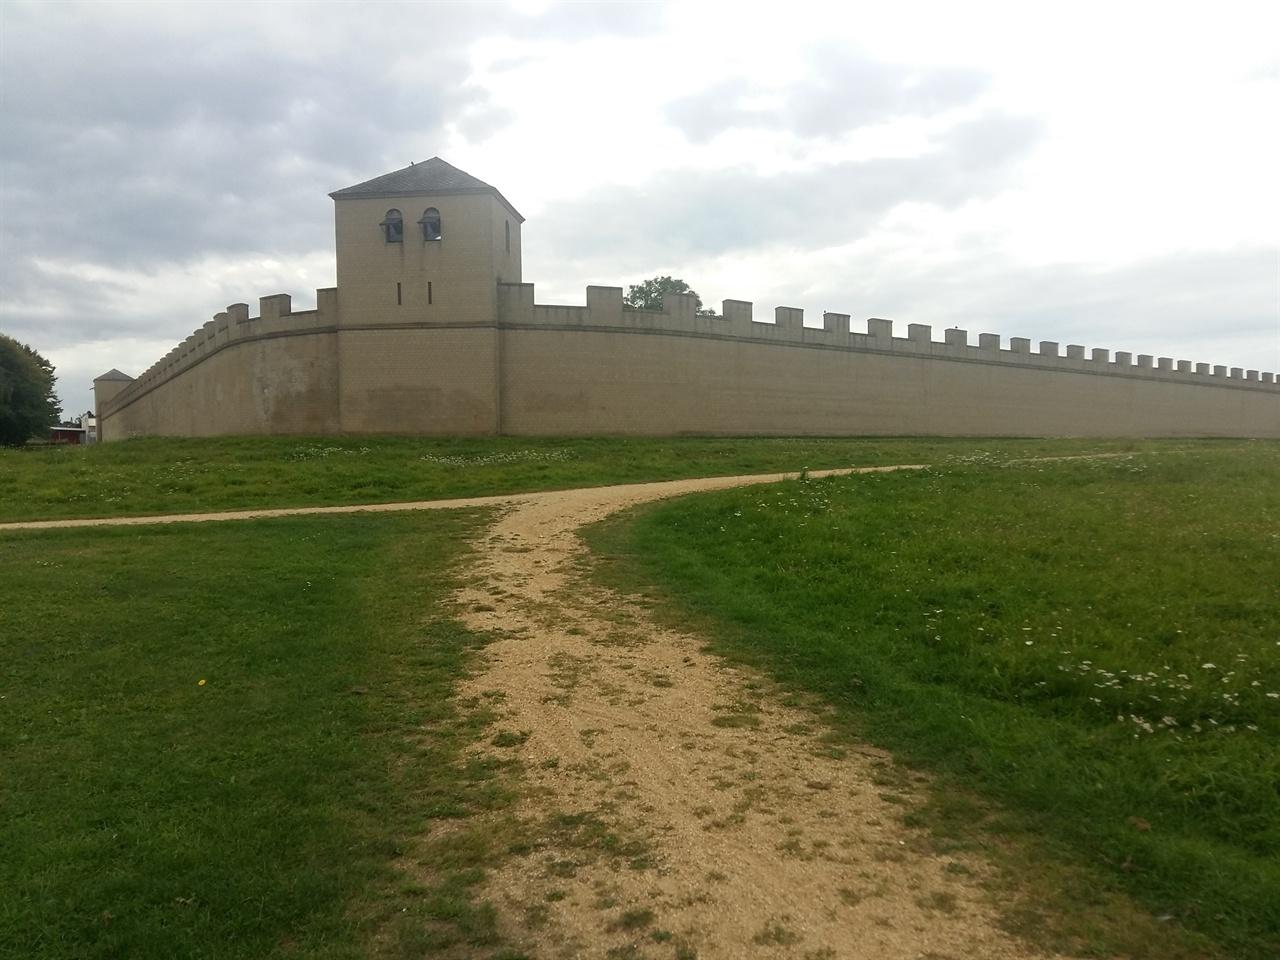 잔텐의 고성 잔텐은 로마시대 때부터 발달한 도시이다.